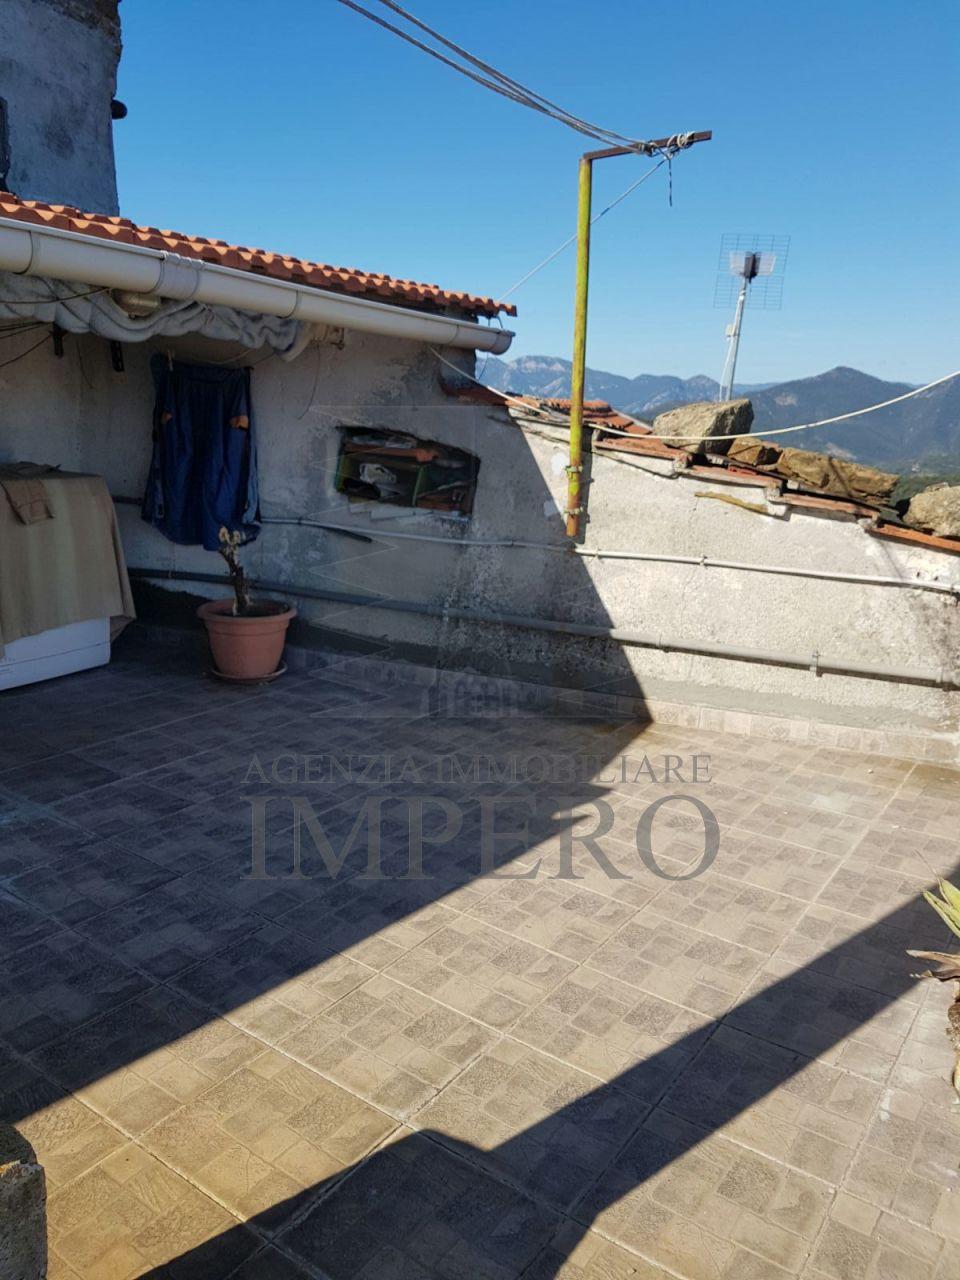 Appartamento in vendita a Perinaldo, 7 locali, prezzo € 70.000 | PortaleAgenzieImmobiliari.it